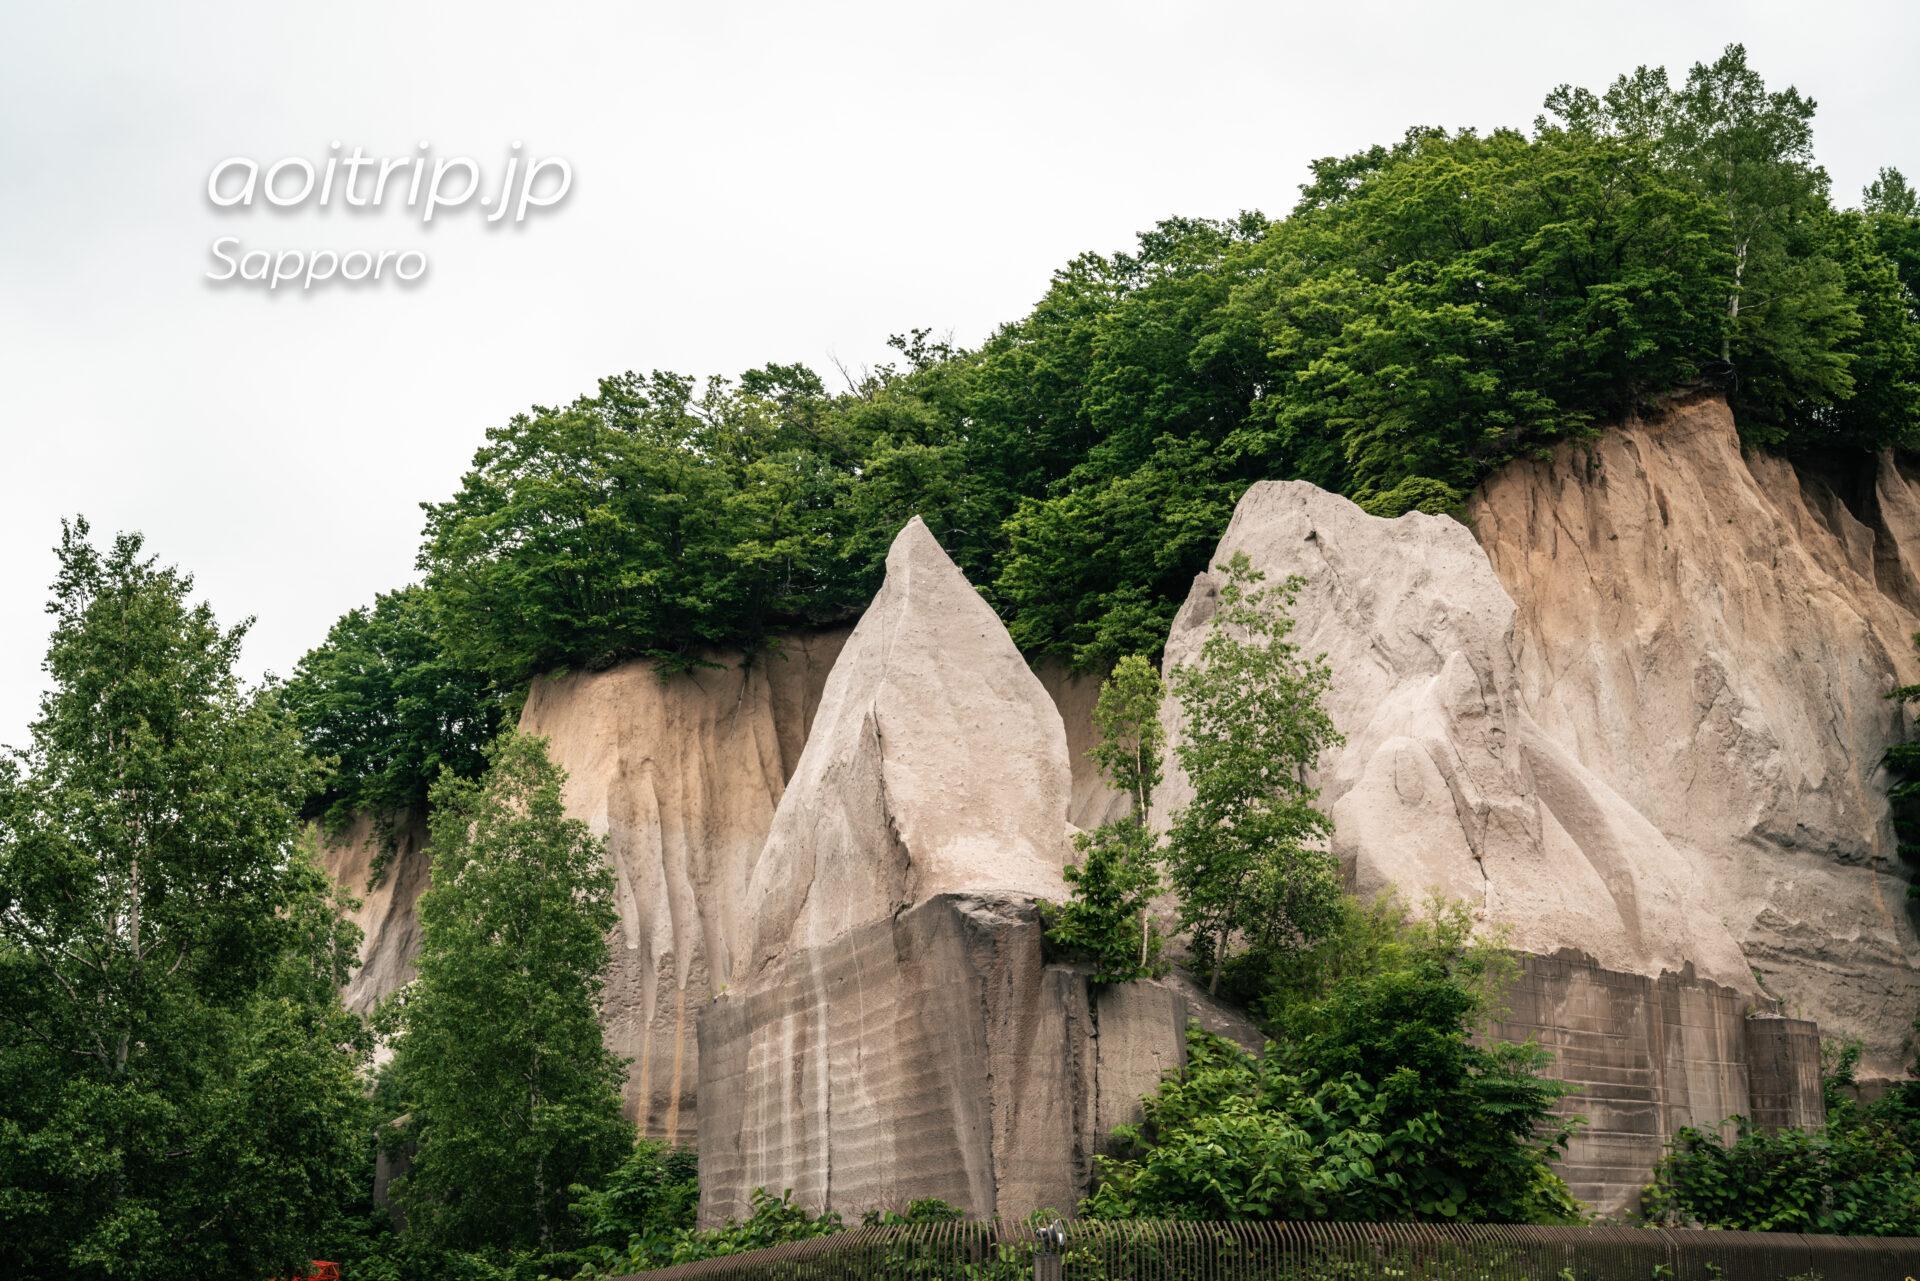 札幌 石山緑地にある溶結凝灰岩の露頭